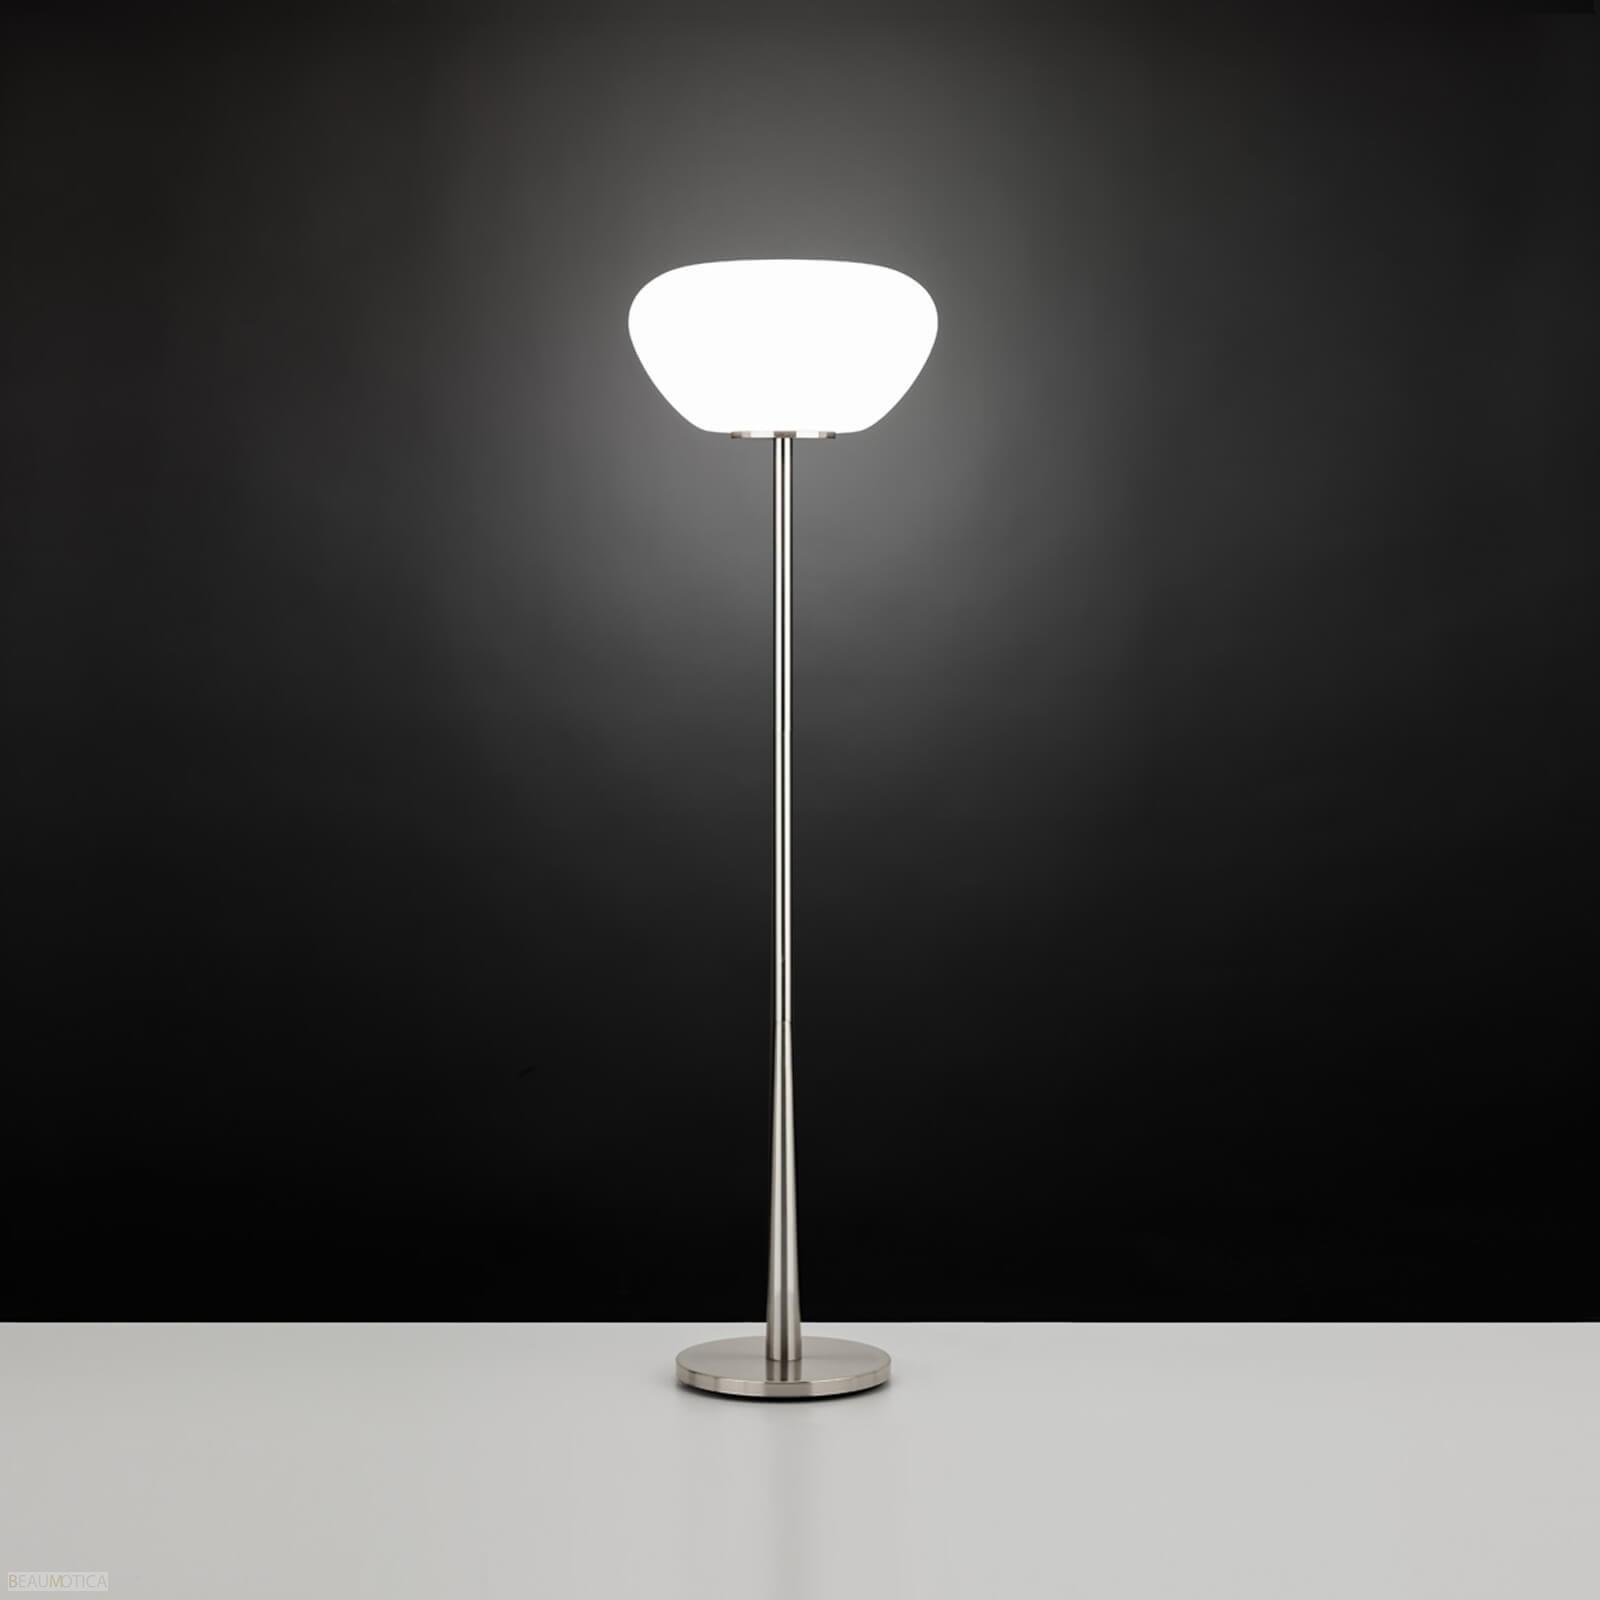 Afbeelding van Eglo Balmes Vloerlamp Mat Chroom, Opaal (ø41,5cm)